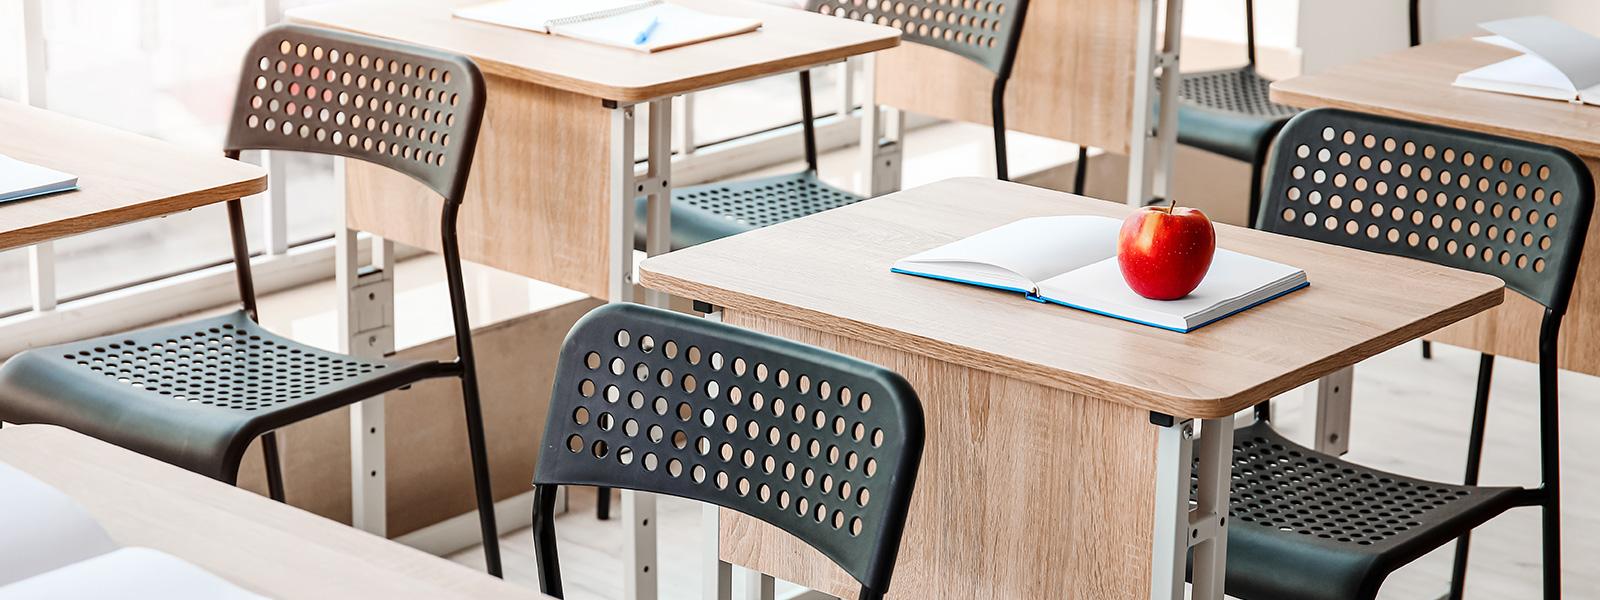 School insurance law